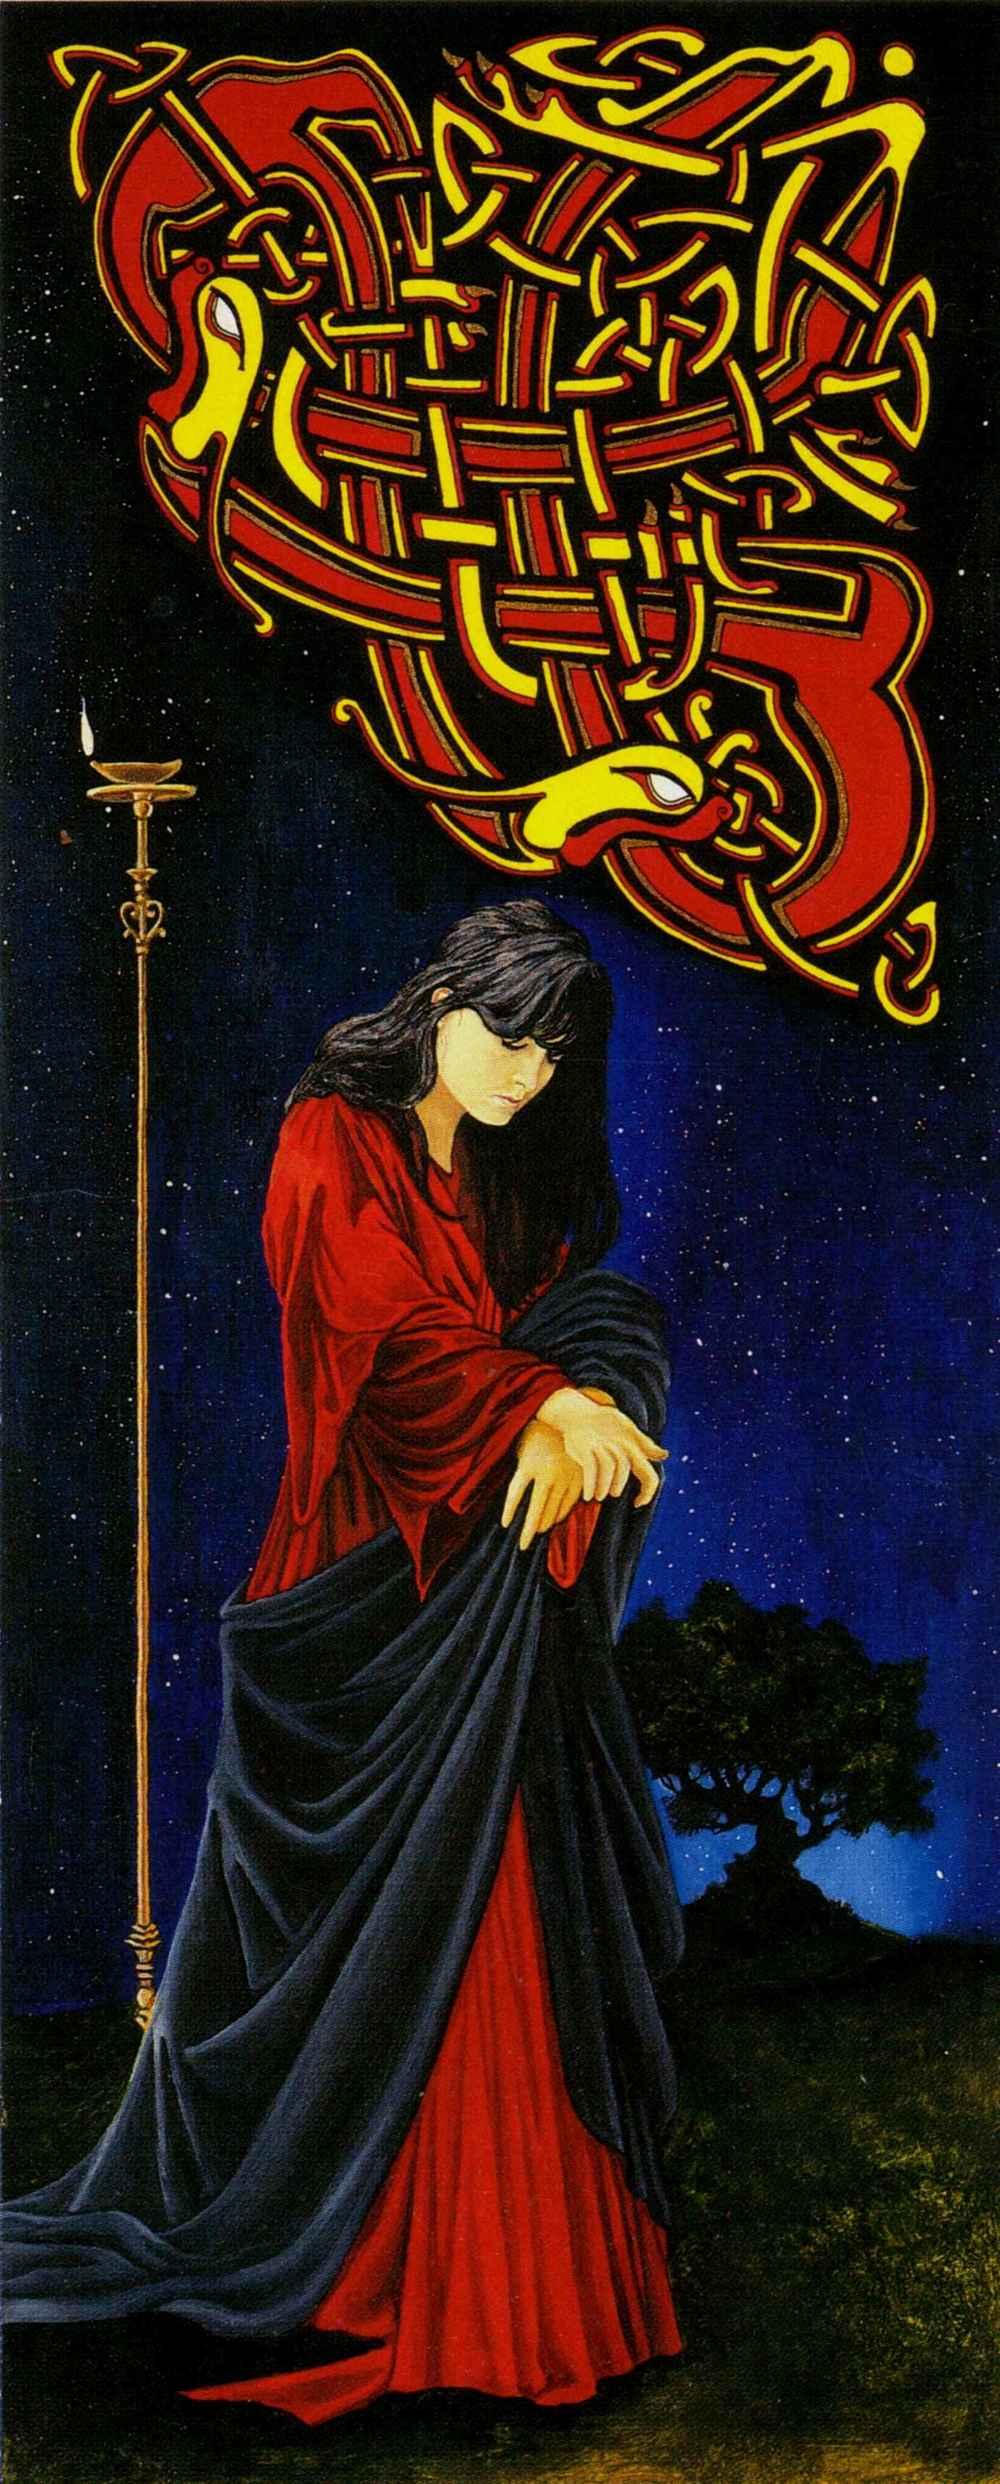 Red Priestess - 1989